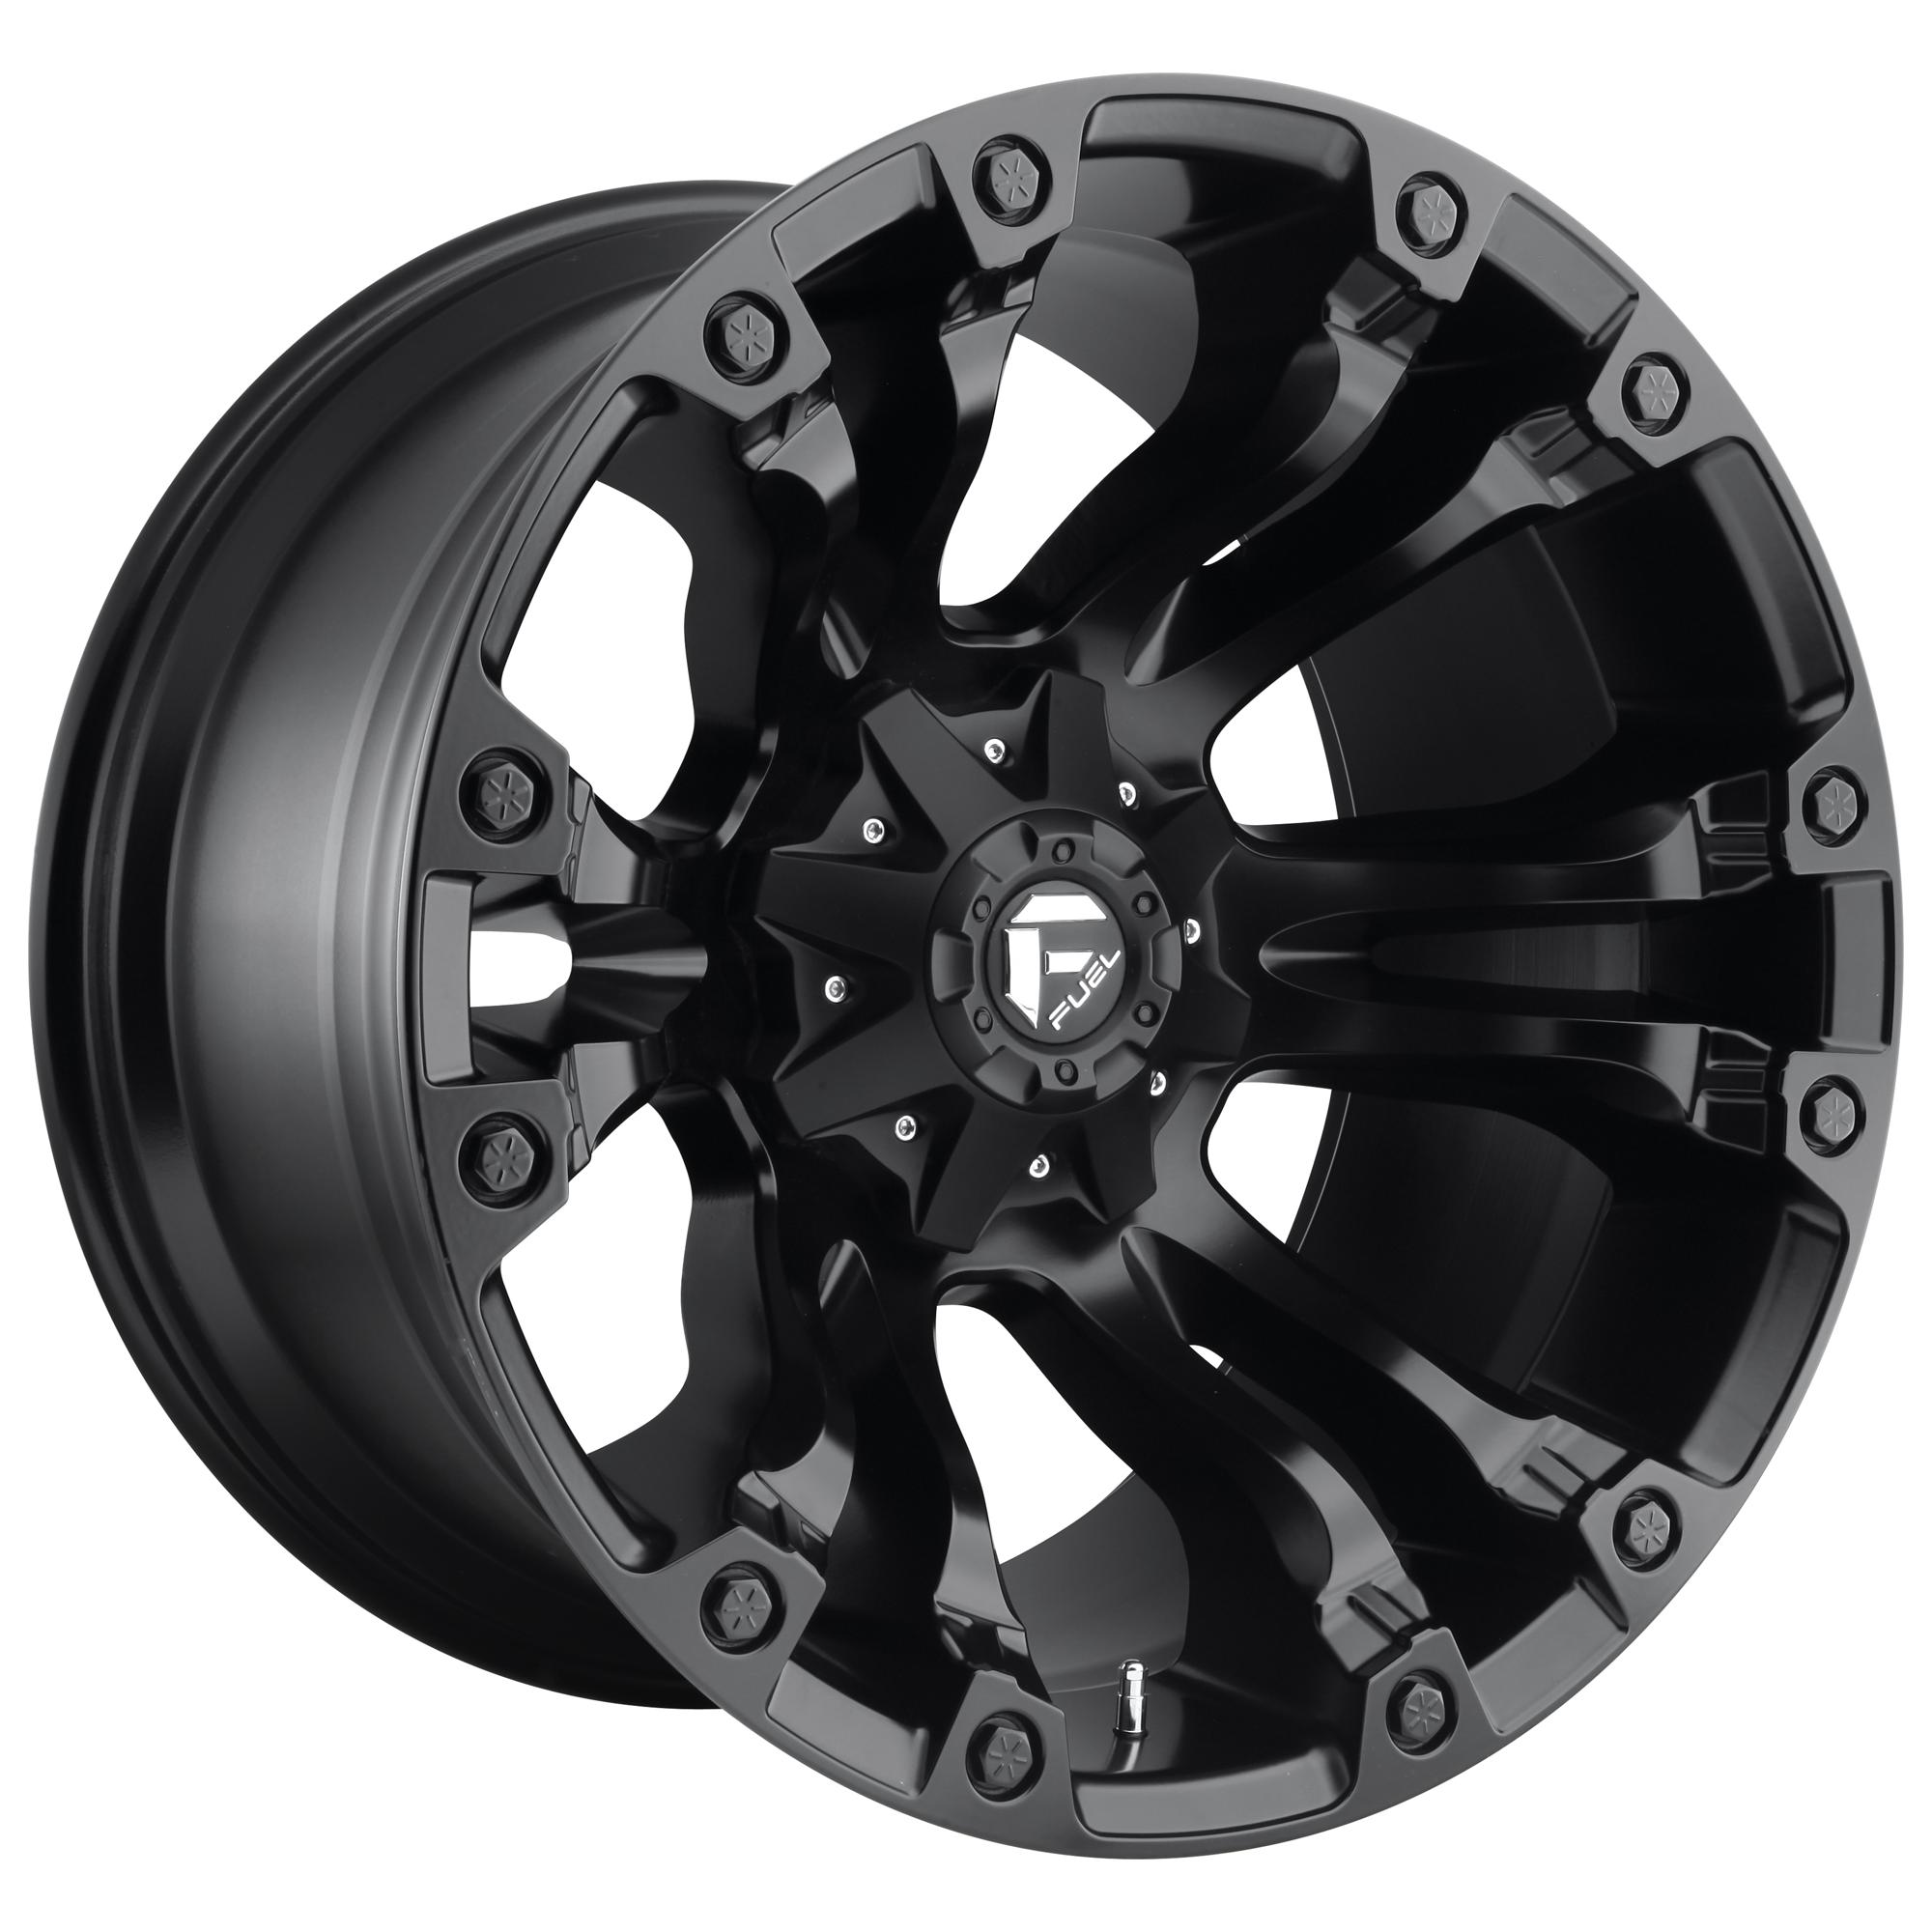 HELO HE878 SATIN BLACK HE878 17x9 8x165.10 SATIN BLACK -12 mm